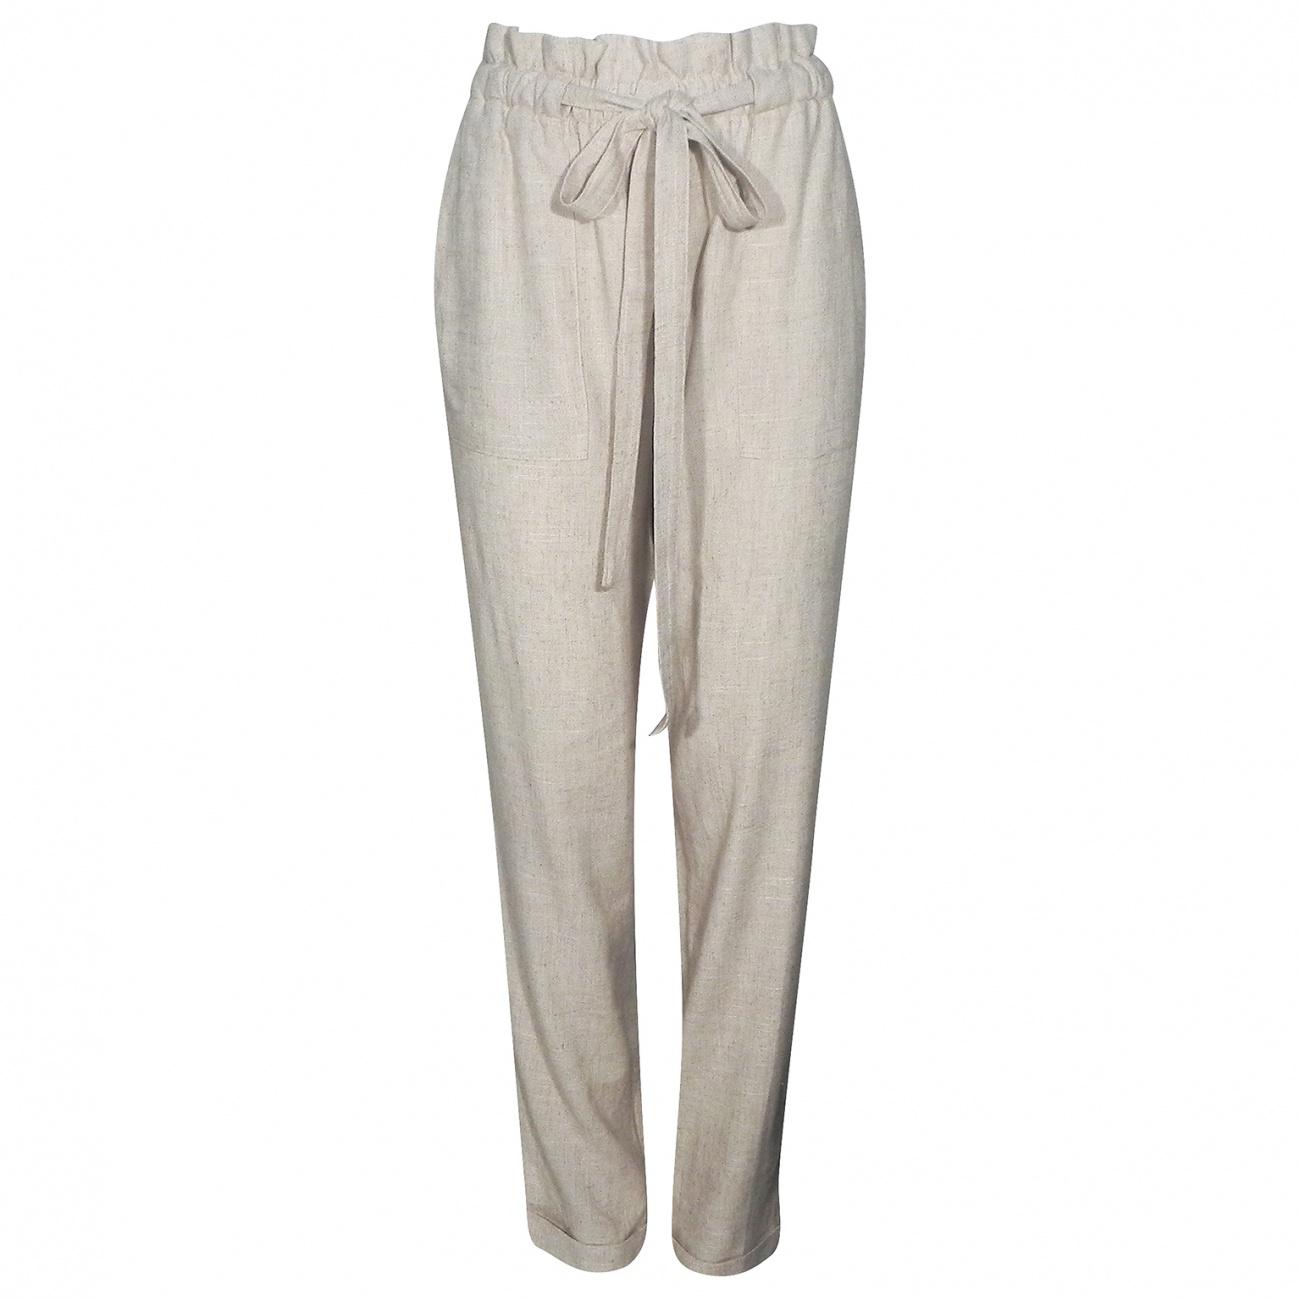 612e2bf36 Calça Pijama em Viscose e Linho Cotton Colors - Tamanhos Grandes ...